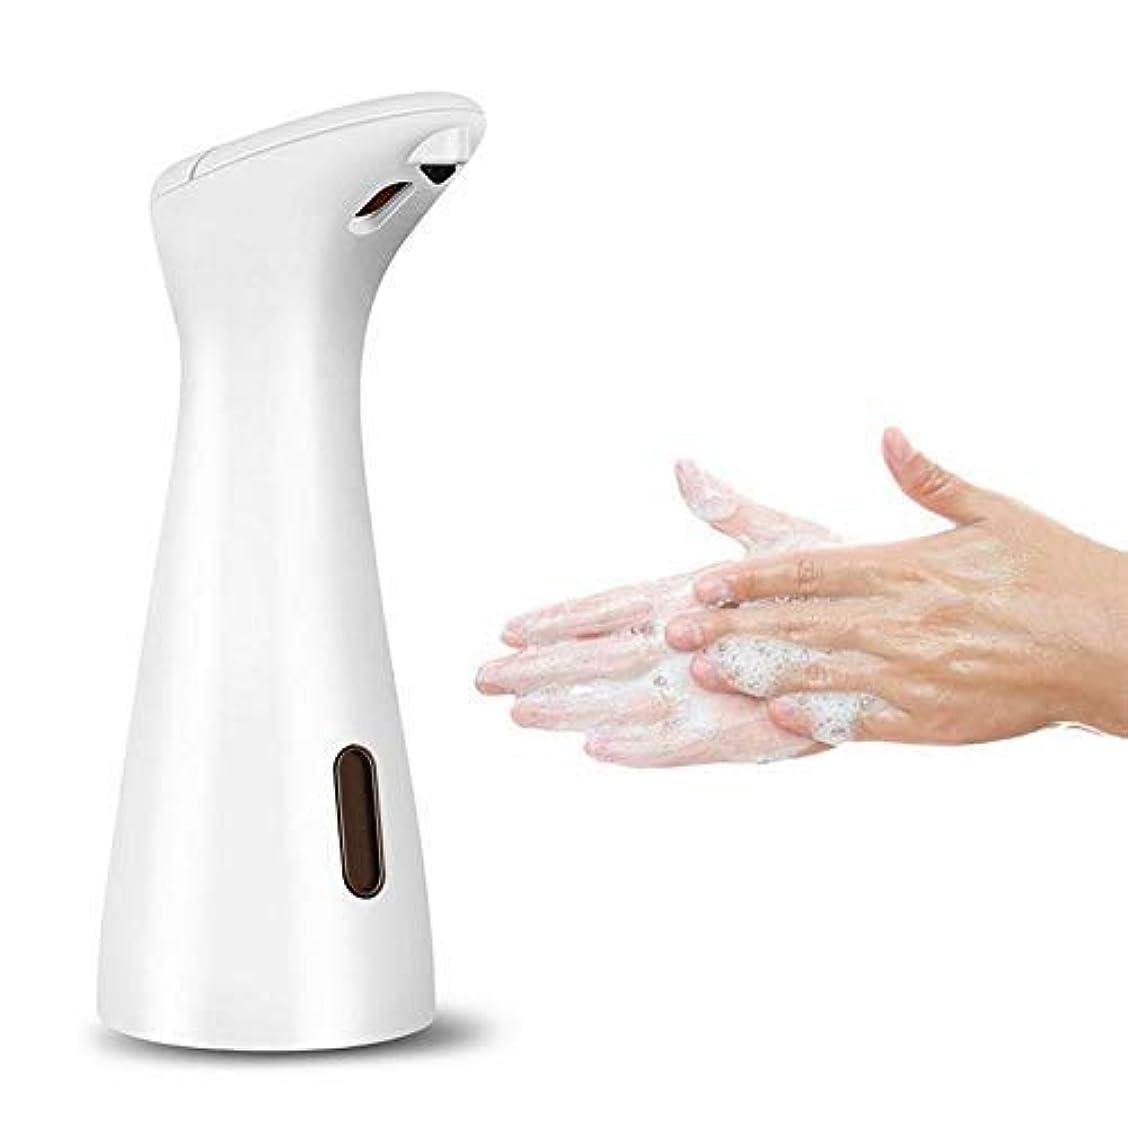 ポーン嵐統合200ミリリットルabs自動誘導石鹸ディスペンサー赤外線ハンズフリーセパレーター付き浴室キッチン用